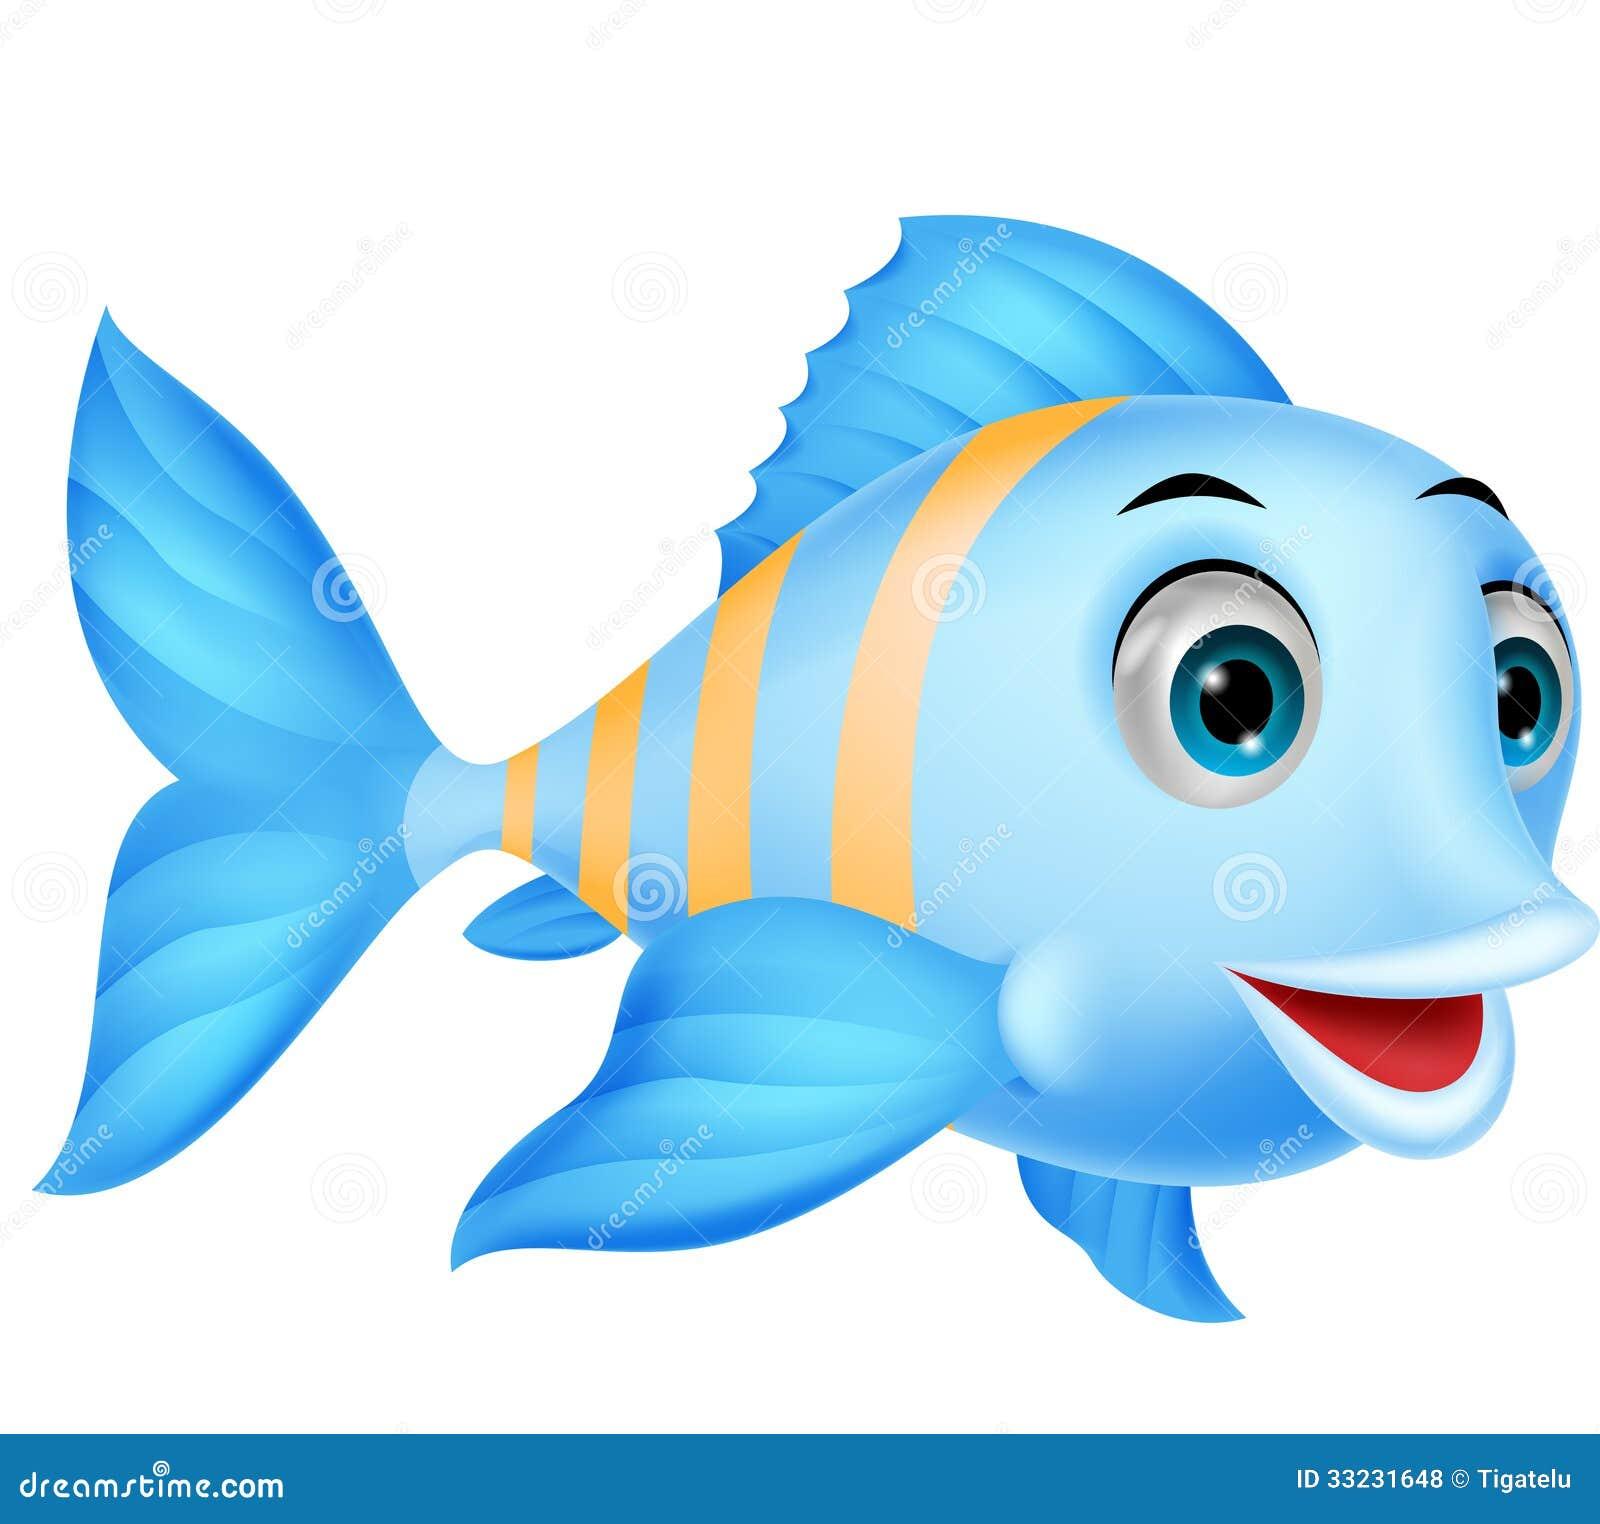 Cute Cartoon Fish. Stock Vector - Image: 55858809